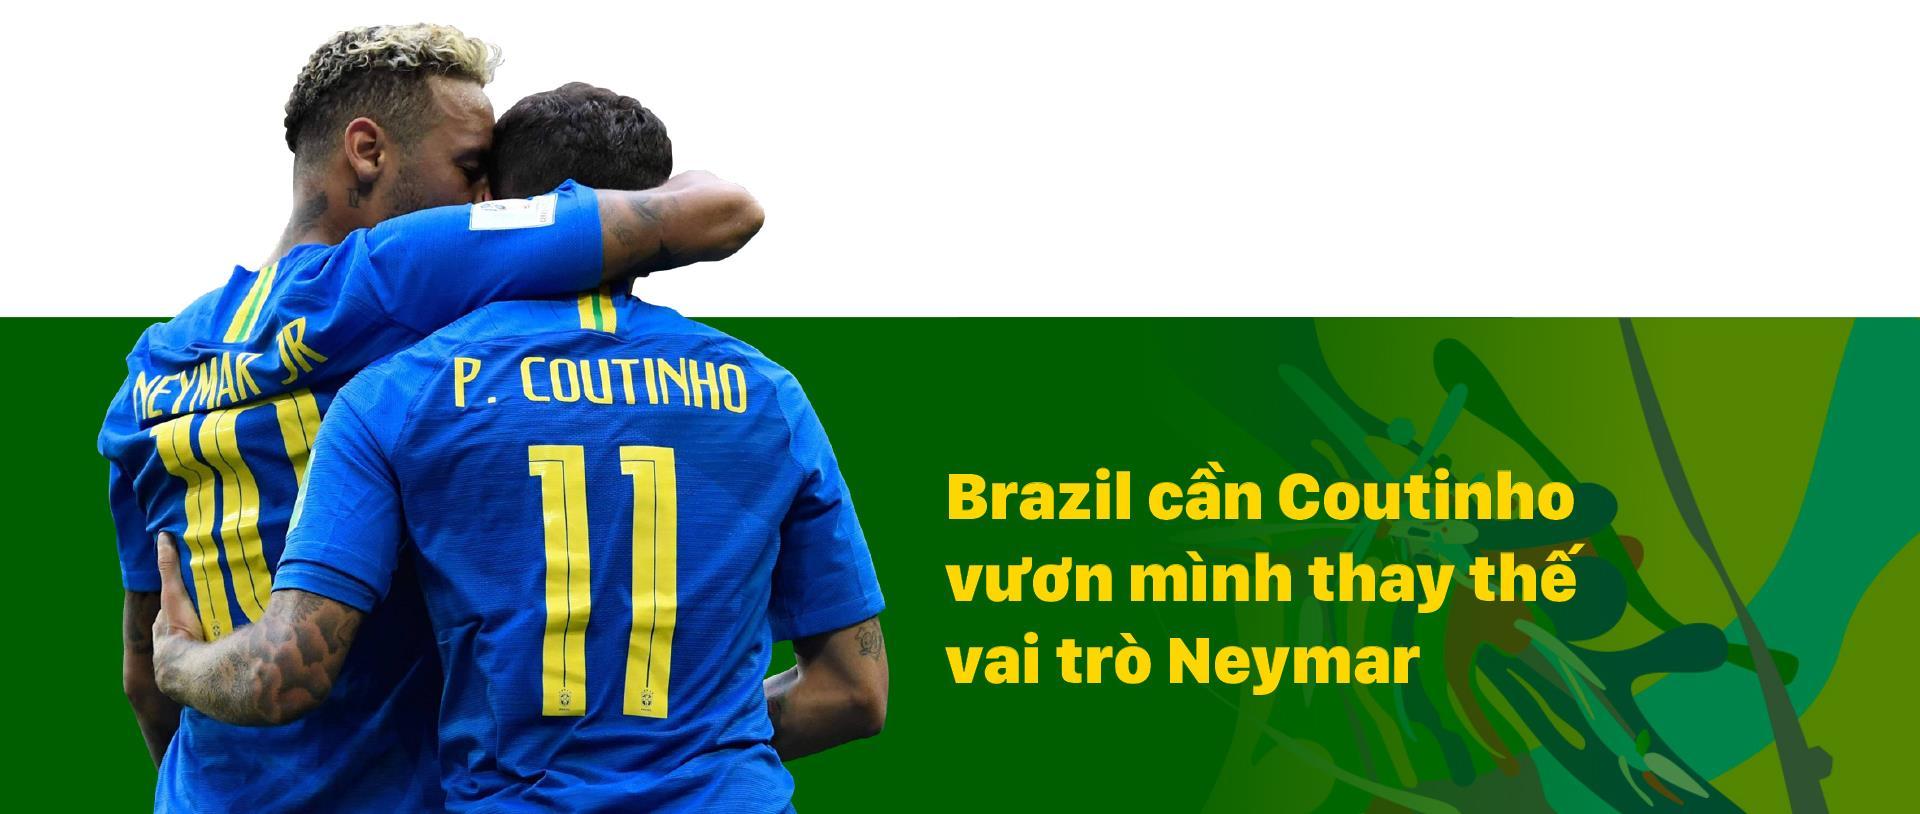 Bảng A: BRAZIL khi Coutinho phải thế vai Neymar ảnh 3